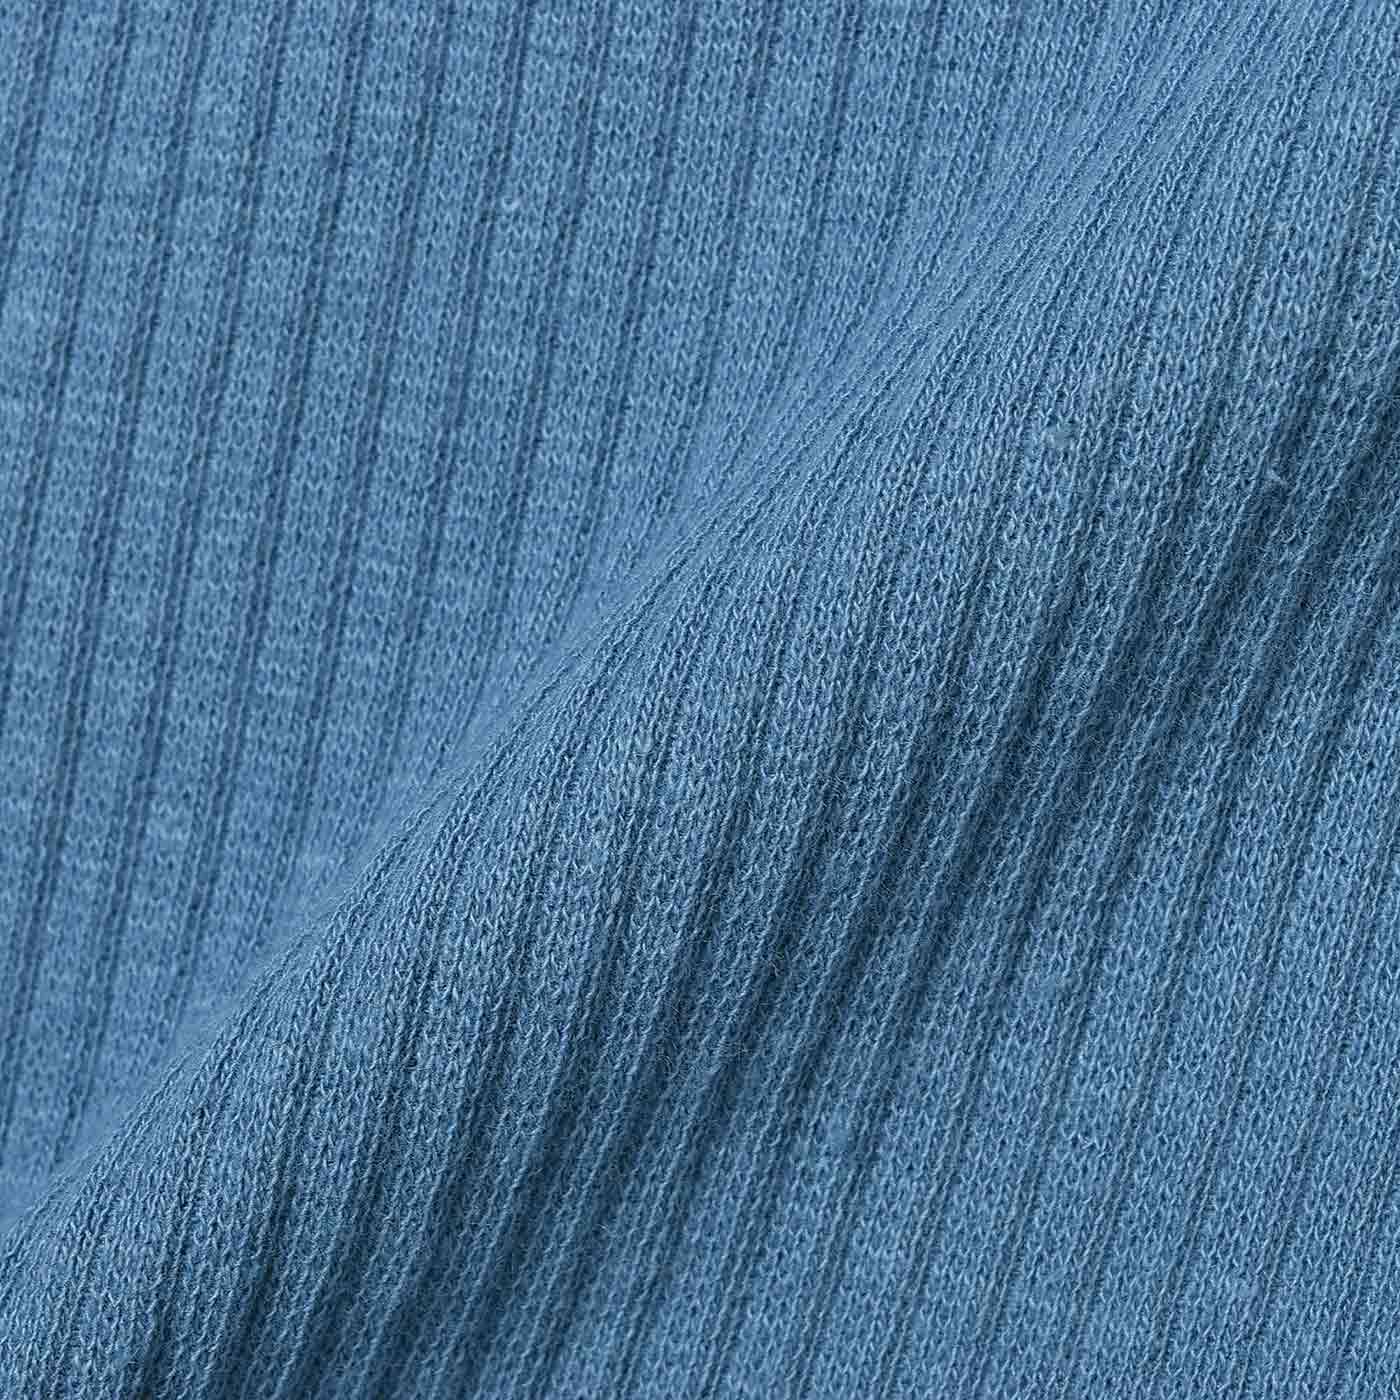 適度なフィット感とやわらかな肌ざわりの、綿テレコ素材。